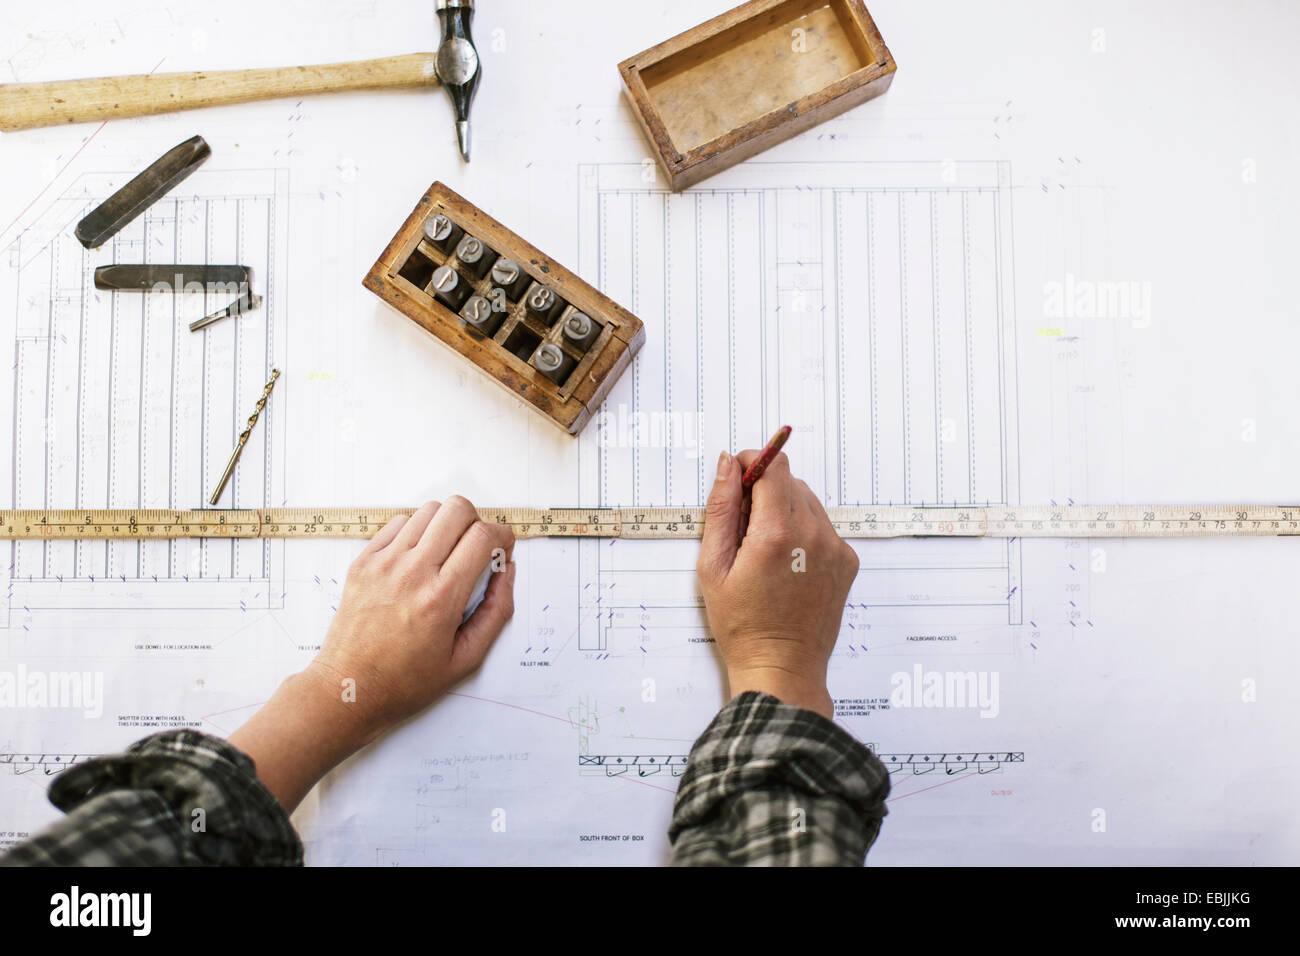 Las manos del joven artesana blueprint de medición en taller de órgano de tubos Imagen De Stock